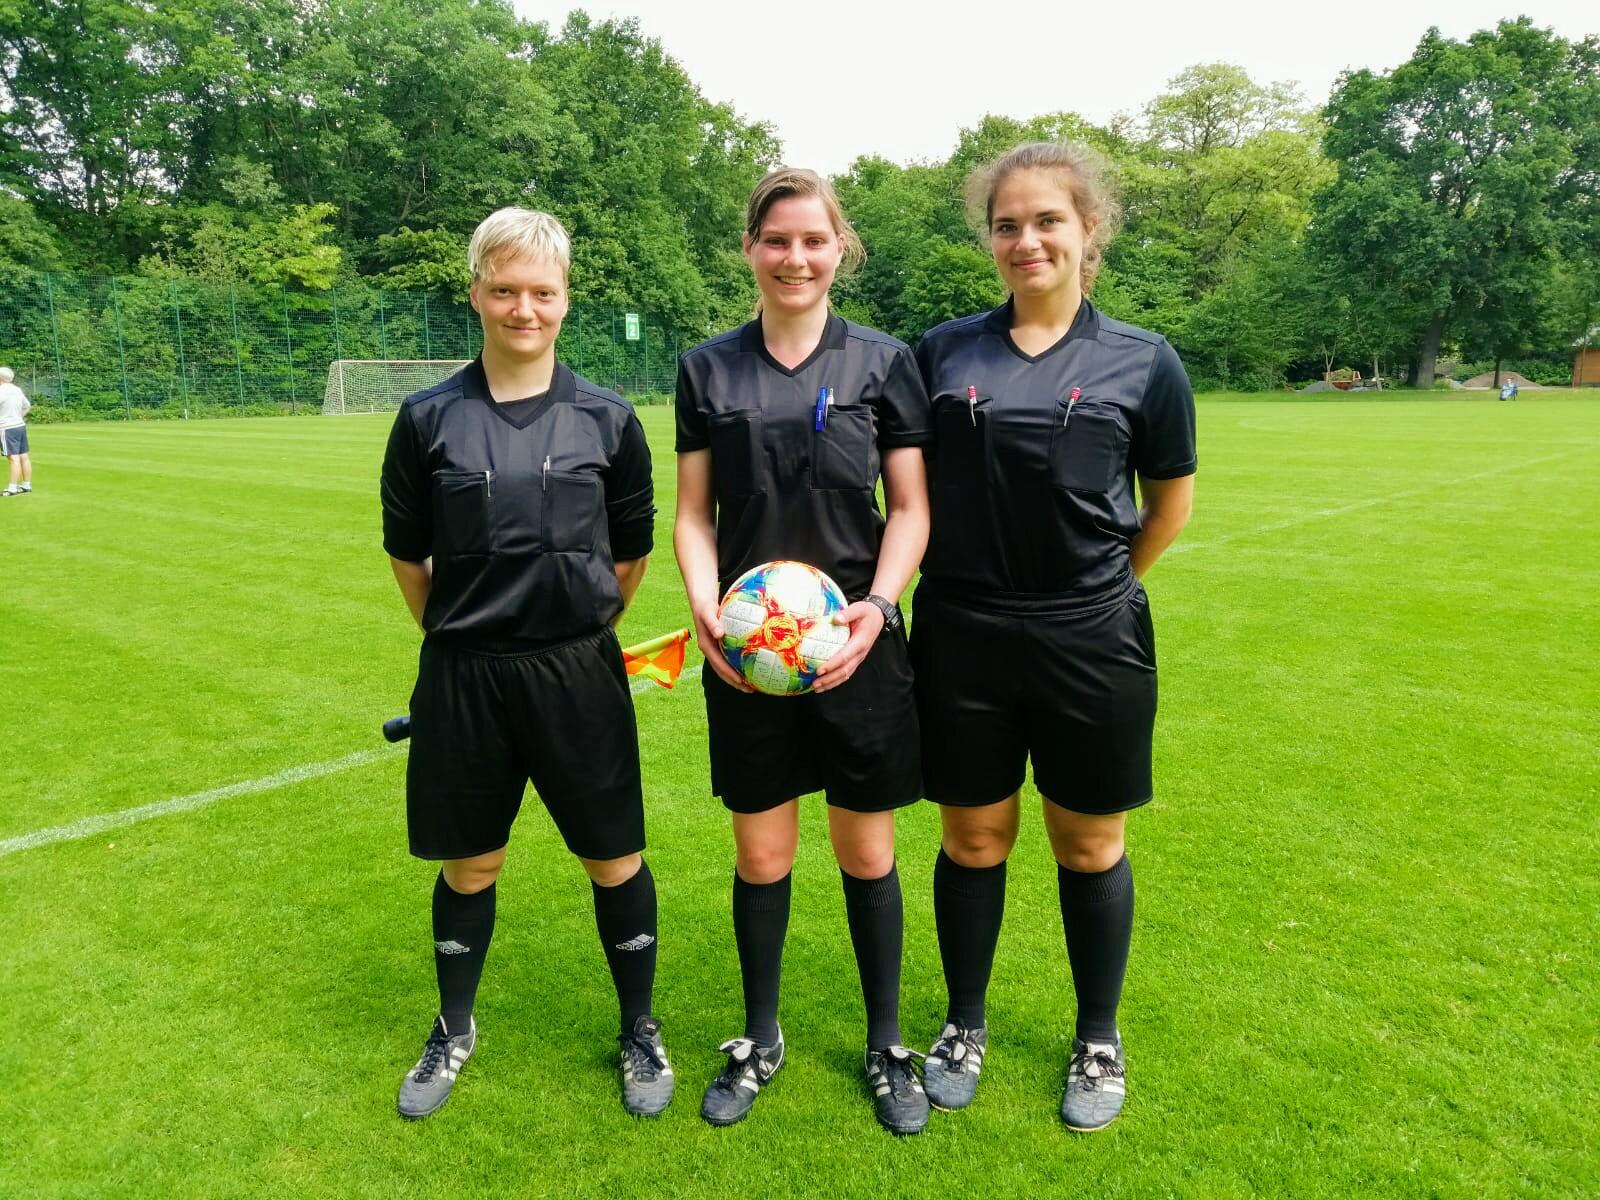 Erfolg Anerkennung Blode Spruche Frauen Im Fussball Kurt